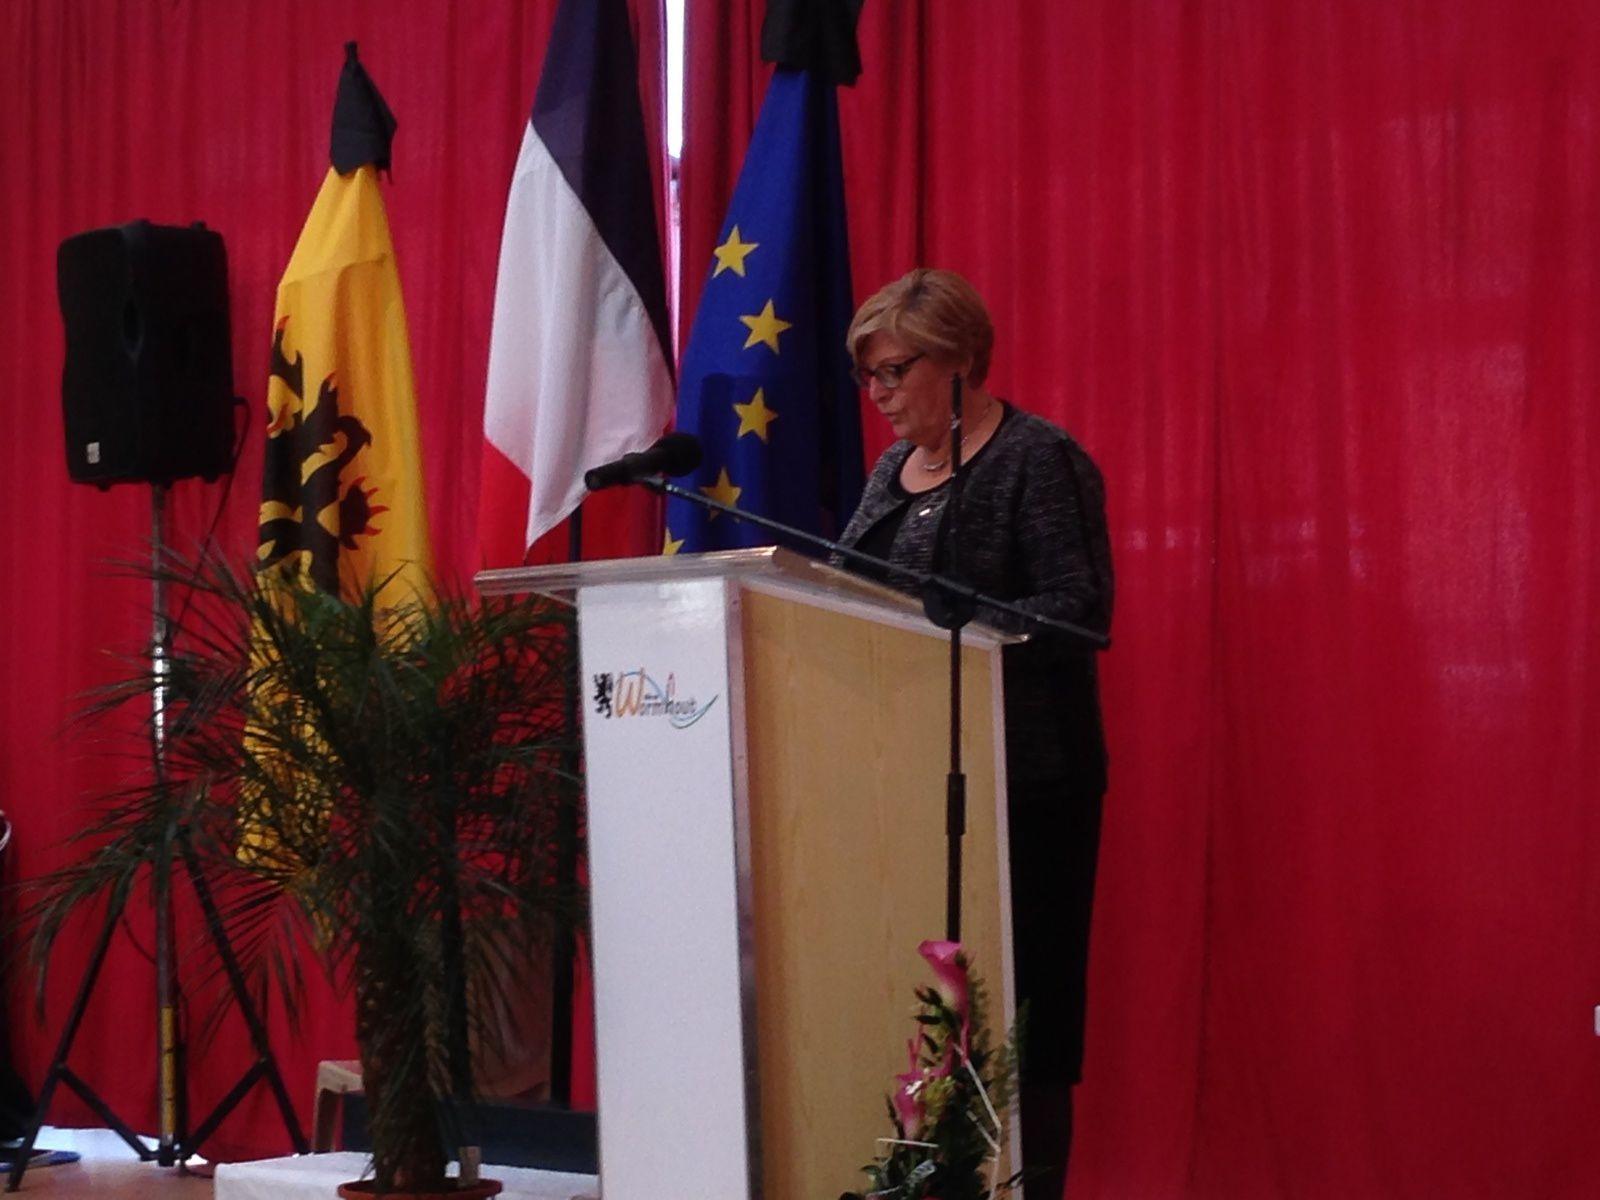 Dimanche 11 janvier, 10h30 à Wormhout, passage amical lors du début de la cérémonie. Ci-dessus, Madame Maryse Leprovost, première adjointe de la ville mais également VP à la CCHF en charge de la Culture et du Tourisme.